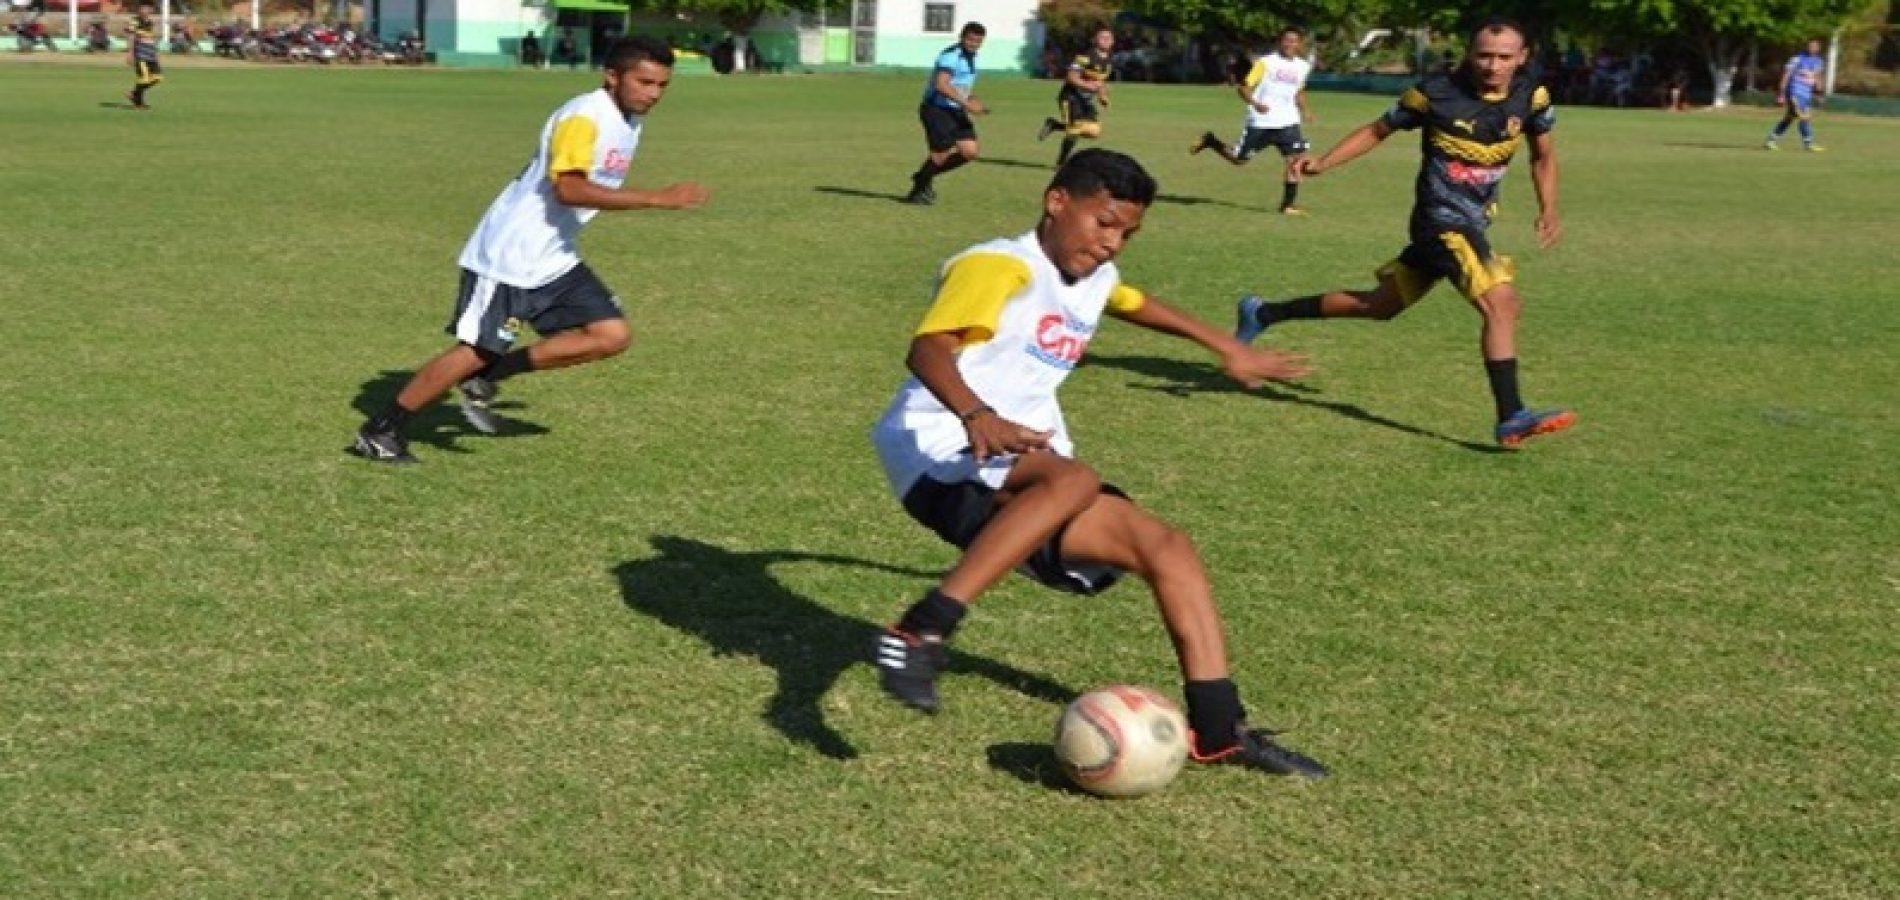 Definidas semifinais do Campeonato Municipal de Futebol Amador de Geminiano